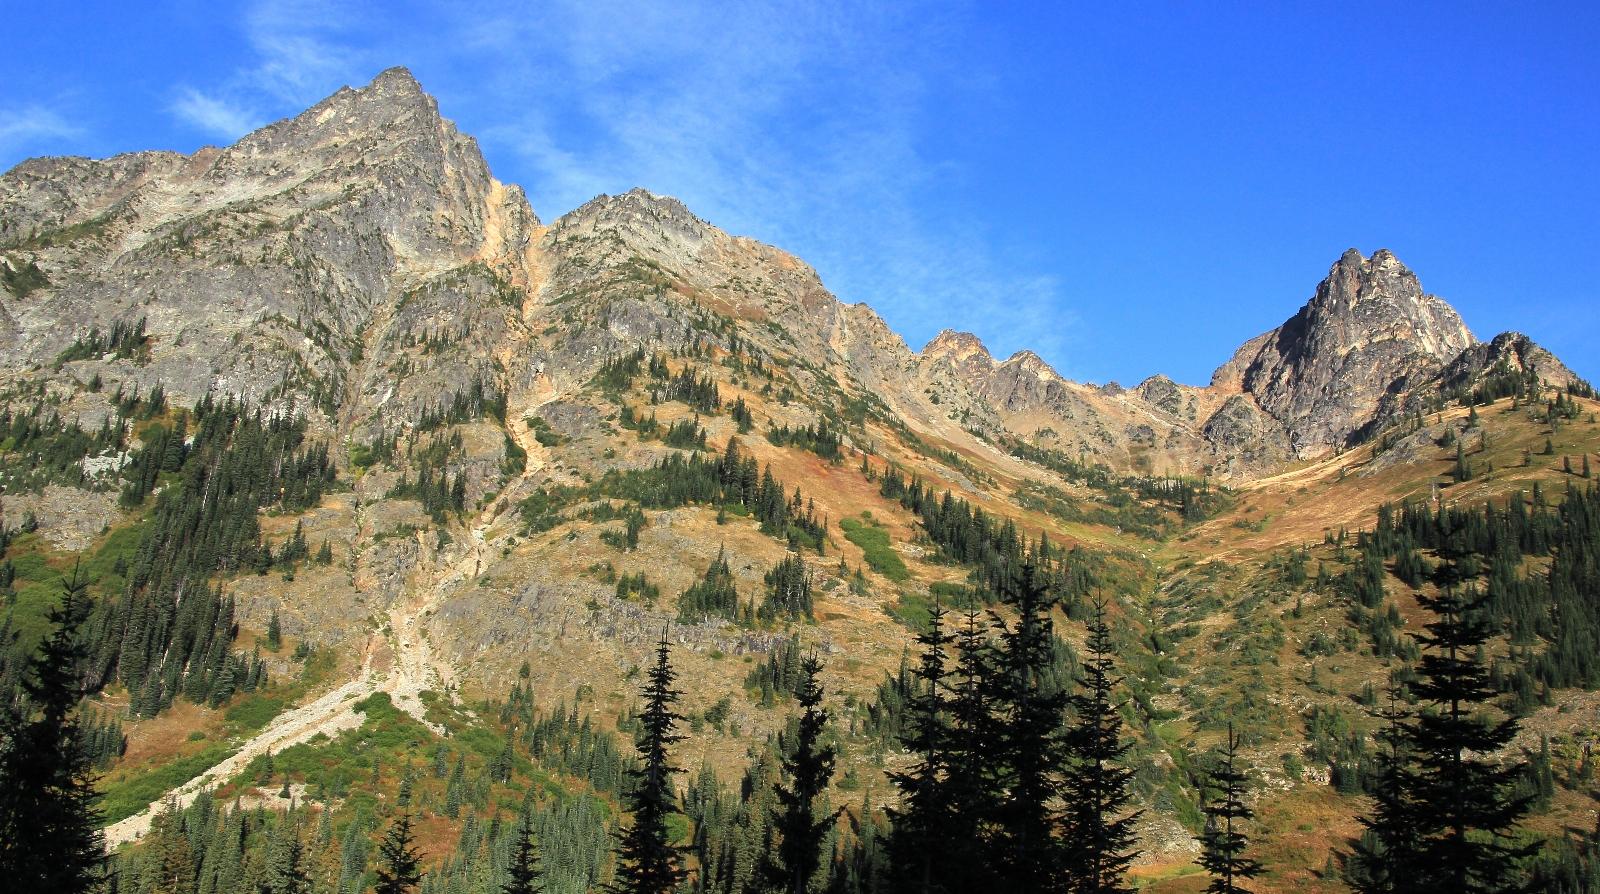 09-23-14 Blue Lake hike (10)